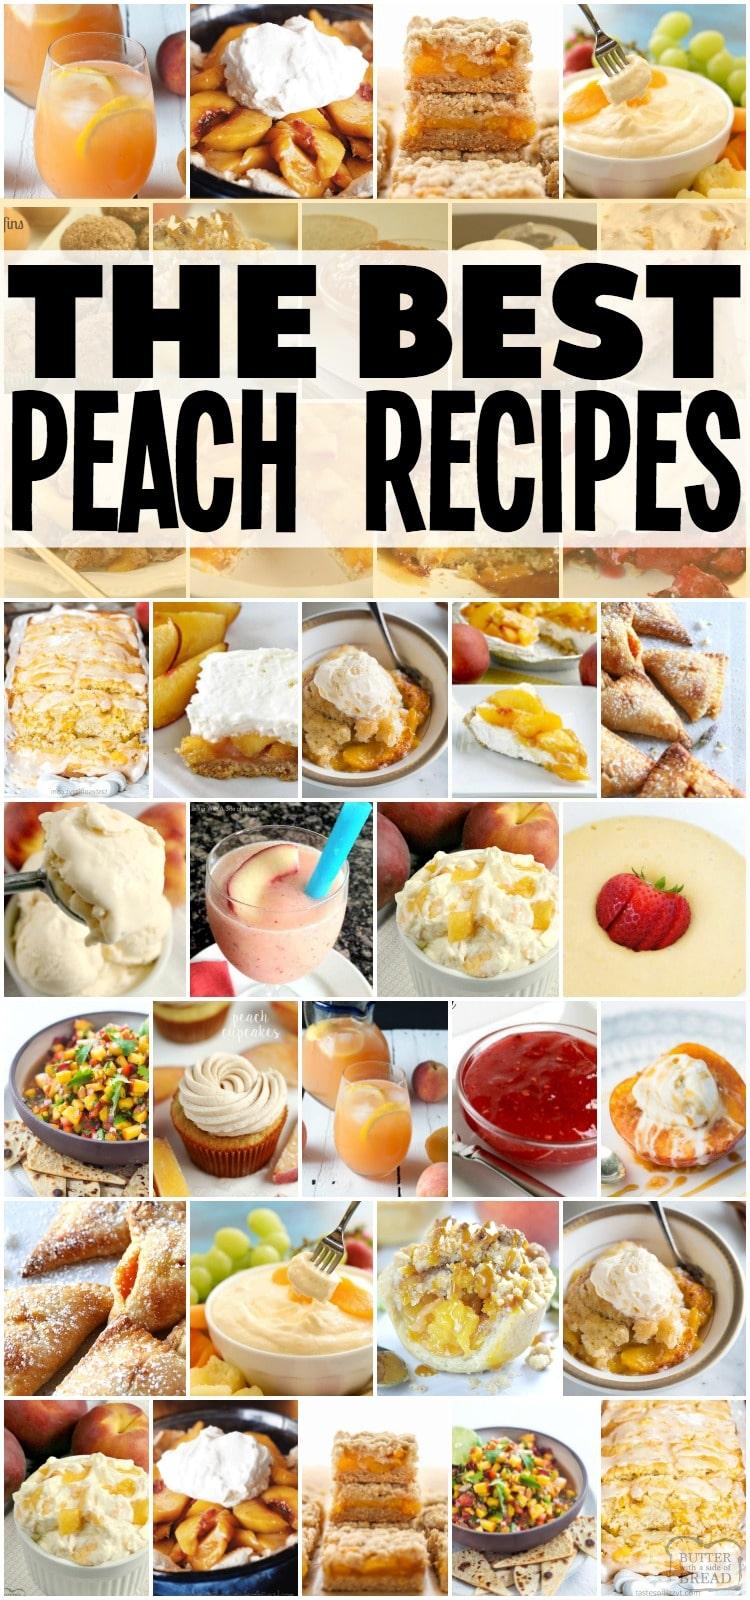 All the best peach recipes! Peach cobbler, peach crisp, peach pie, peaches and cream! All the good stuff. #peachrecipes #peachcobbler #peachcrisp #peachpie #peachesandcream #peachrecipes #recipefrom Butter With a Side of Bread